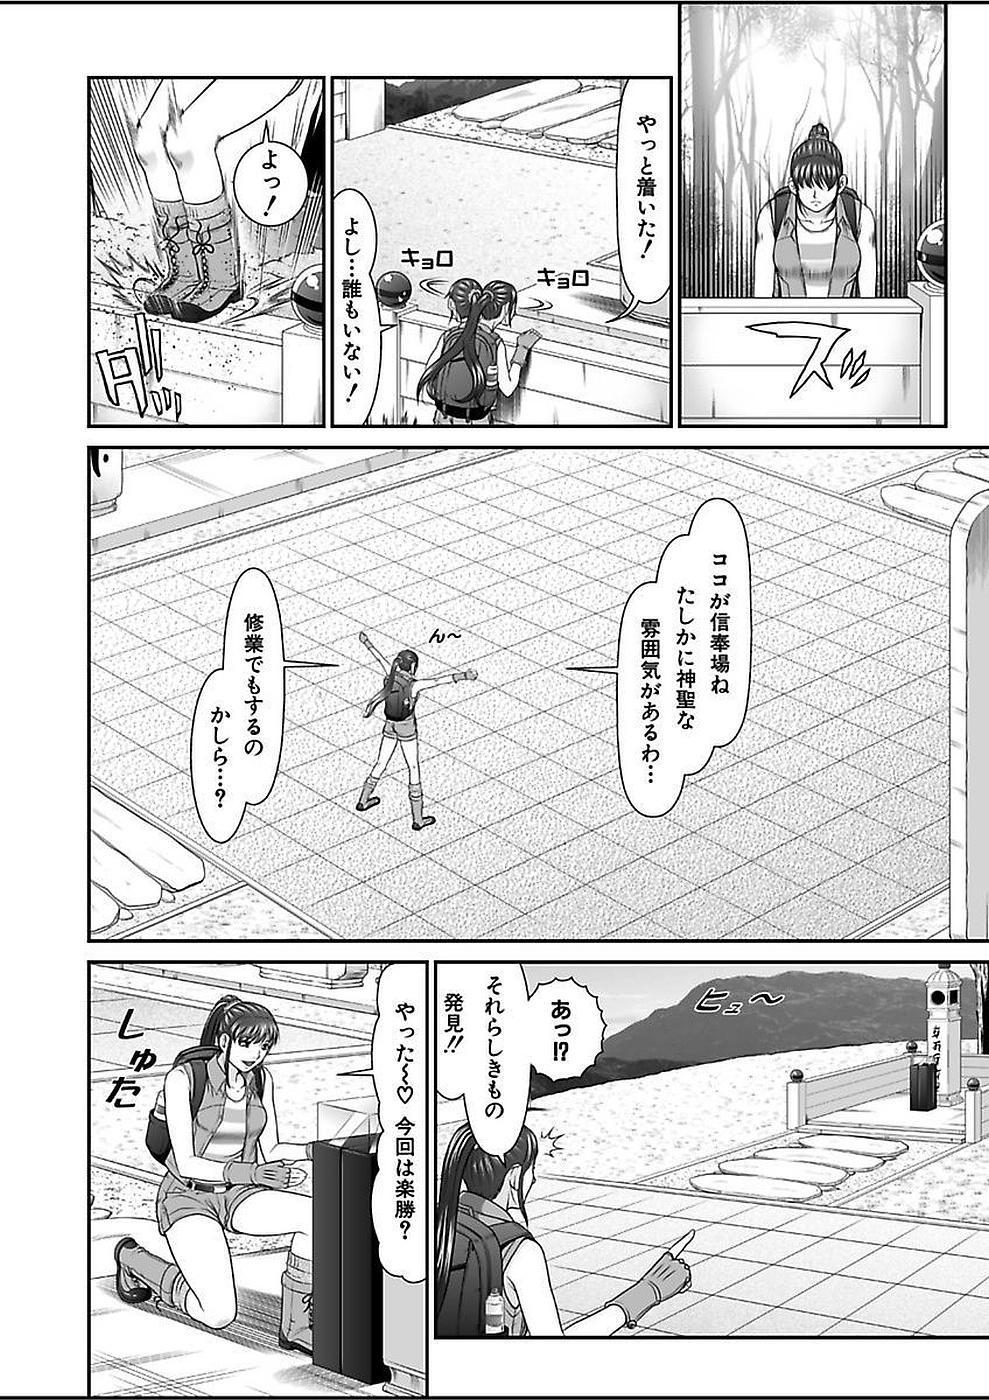 [Kurono Masakado] Dengeki Zecchou! Hihoujima ~Chikyuu no Oku ni Sasowarete~ Joukan 35